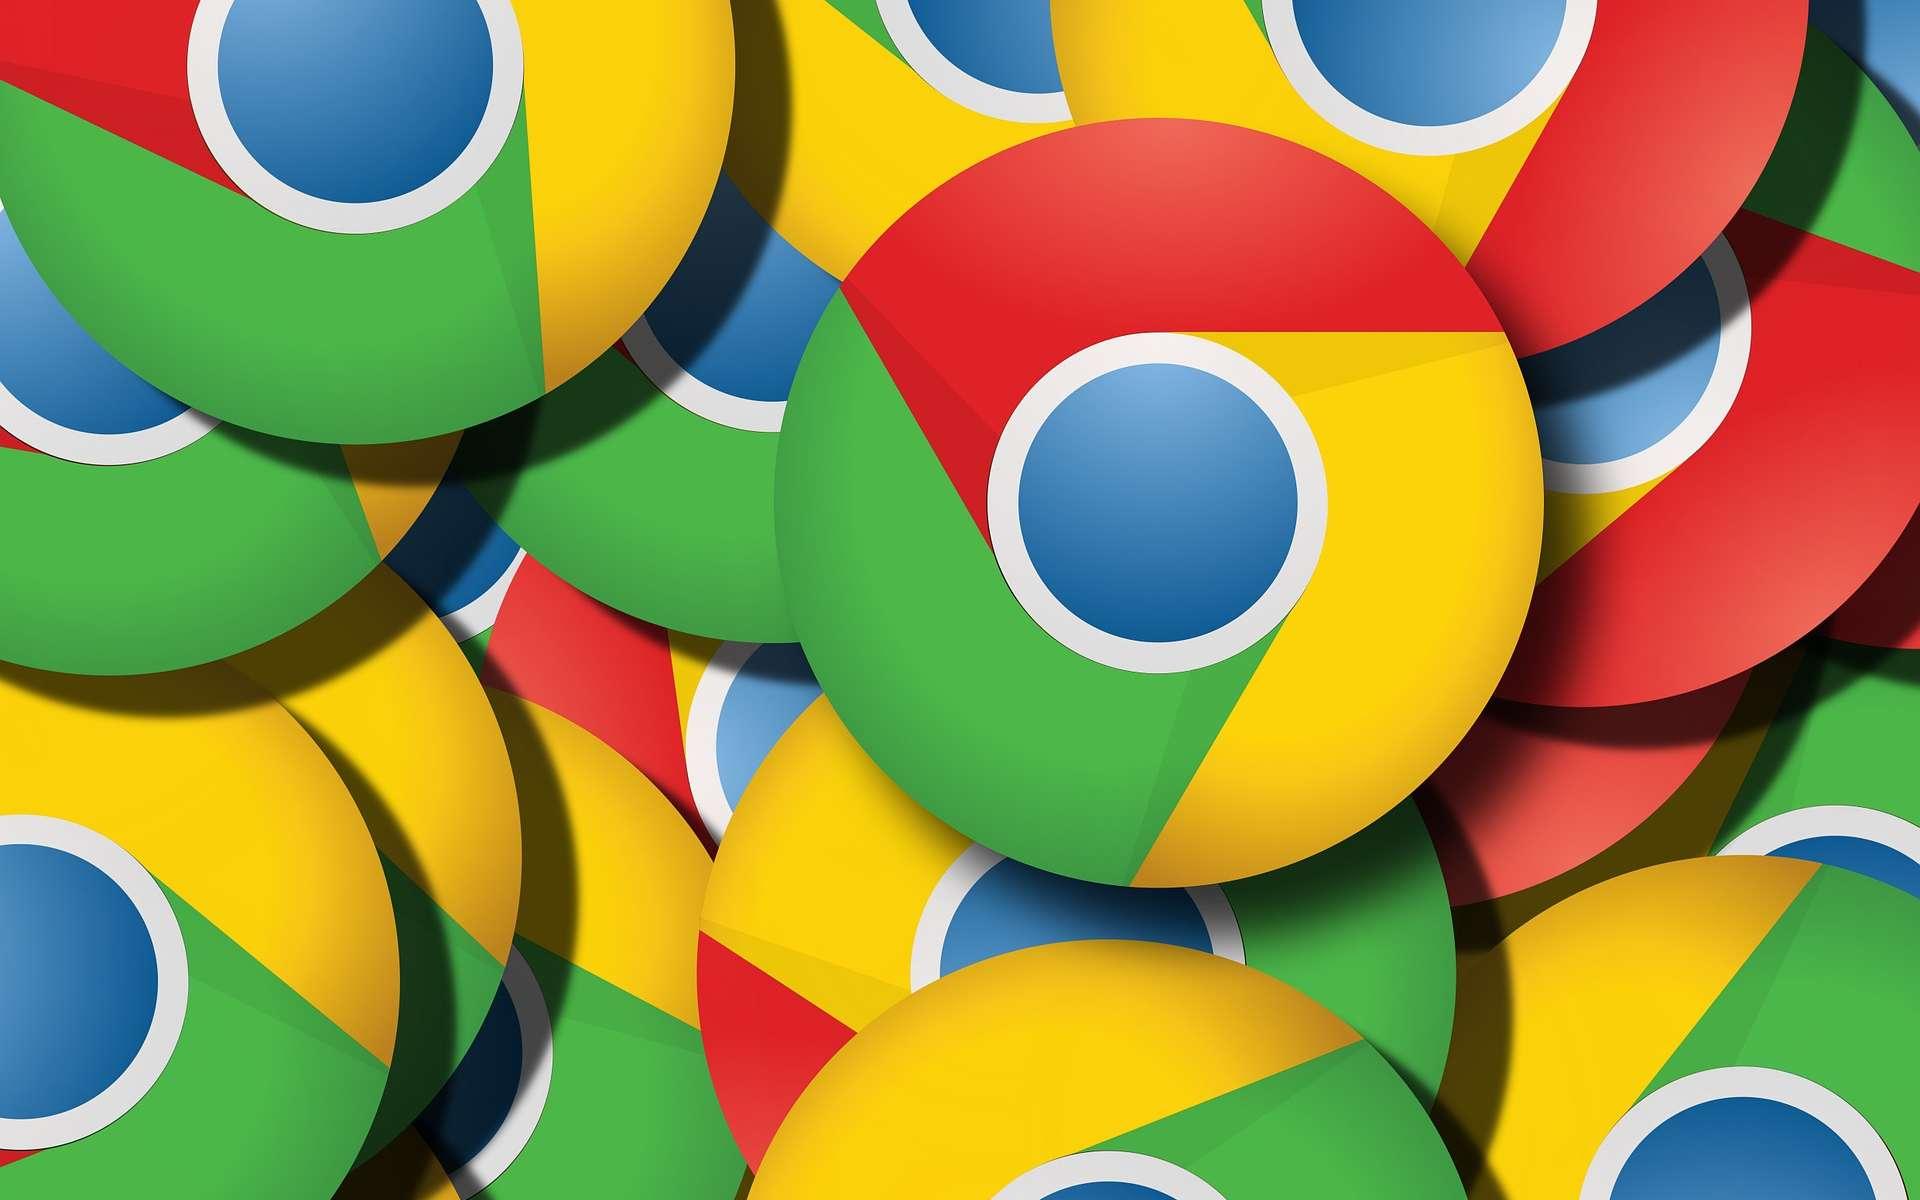 Réservée au navigateur Chrome, l'extension Password Checkup interroge une immense base de données pour vérifier que vos données de connexion n'ont pas été piratées dans le passé. © Pixabay